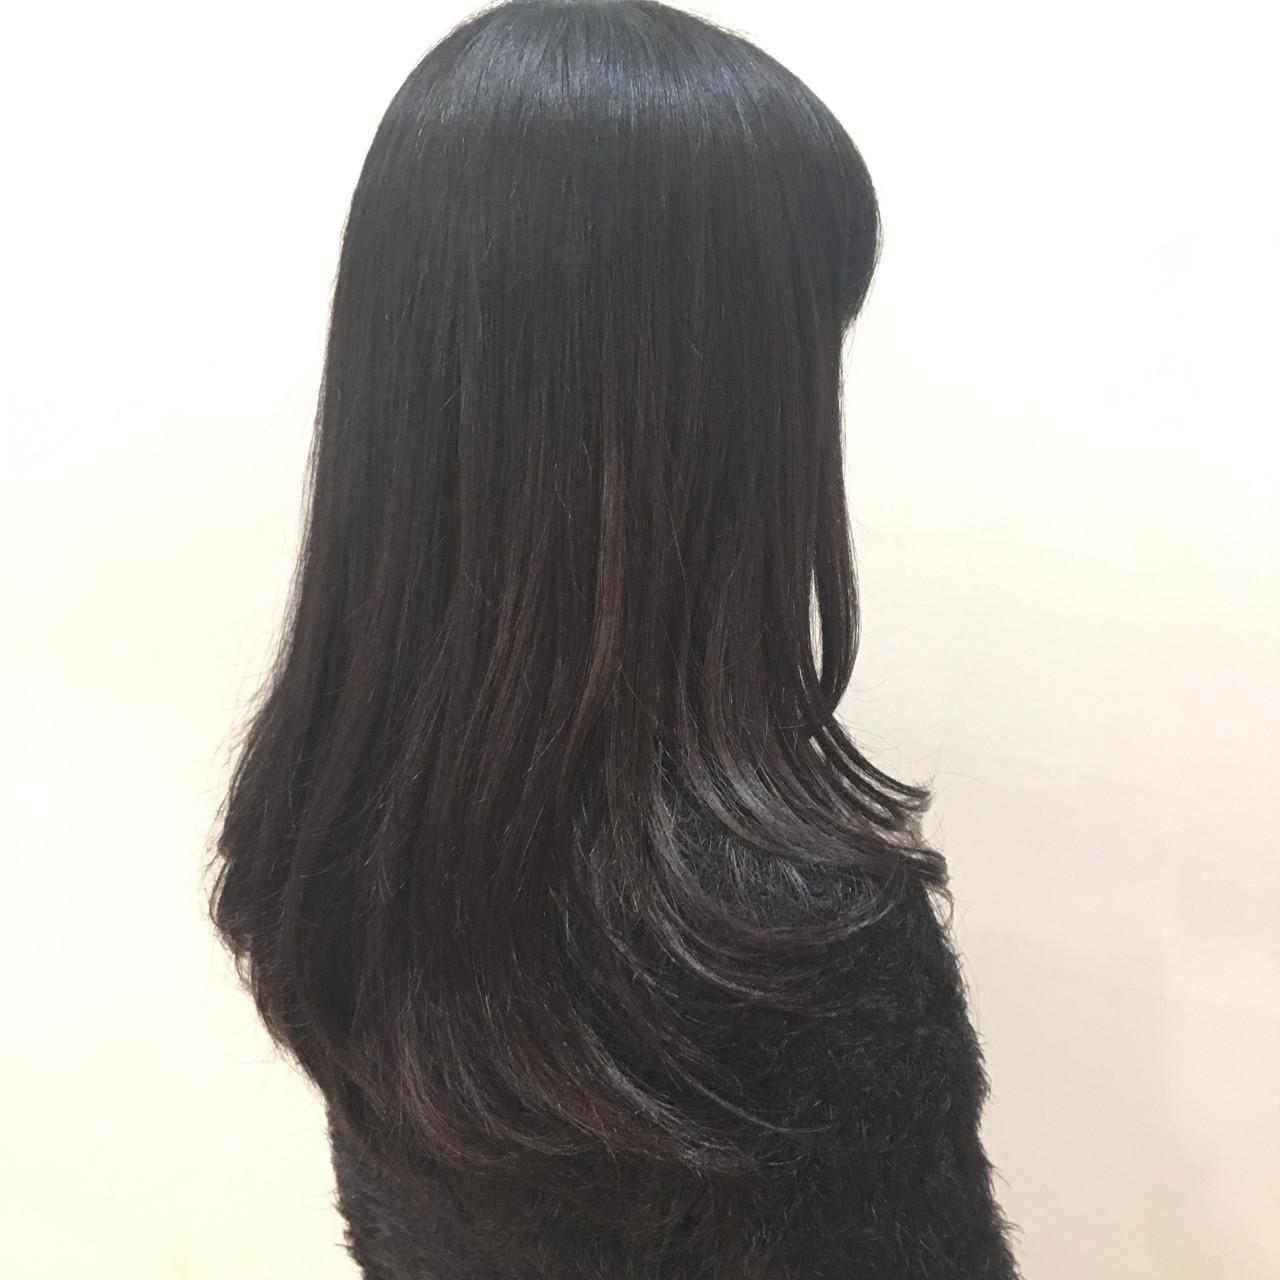 黒髪の美しさそのままで外国人風の透明感♡今人気のダークアッシュとは? short yoshioka